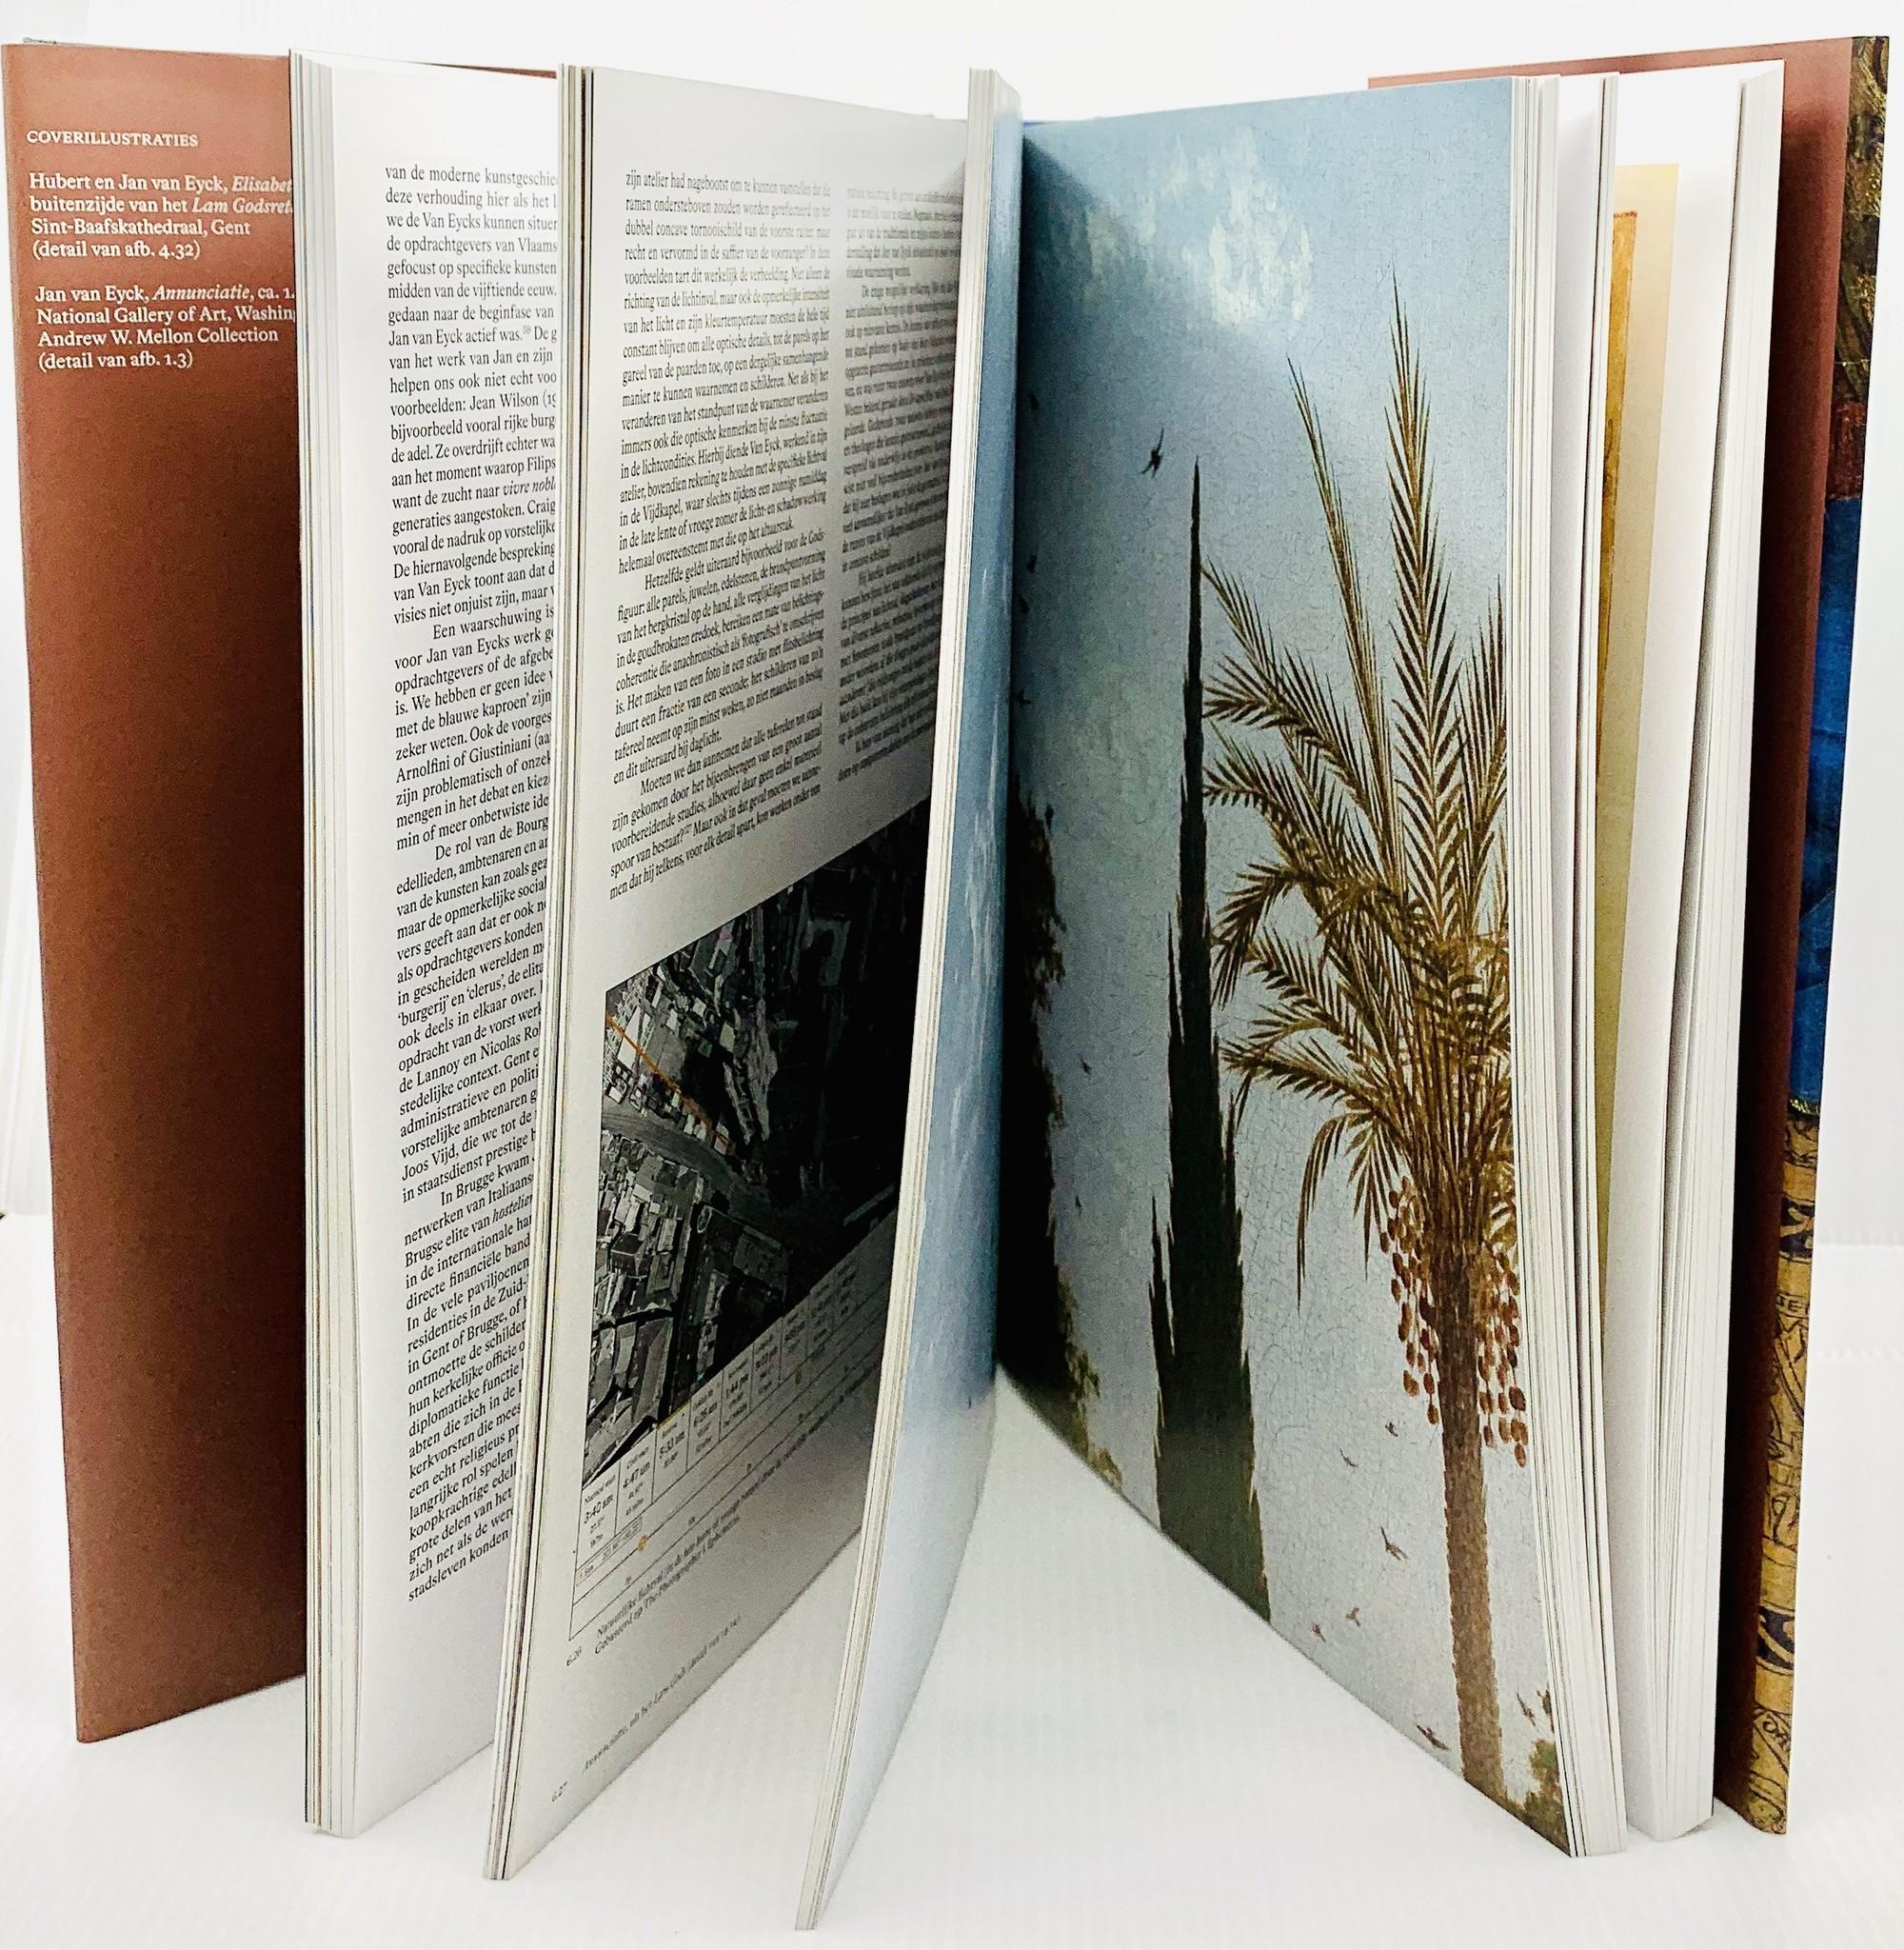 MSK Catalogus 'Van Eyck - Een optische revolutie' Frans  - MSK